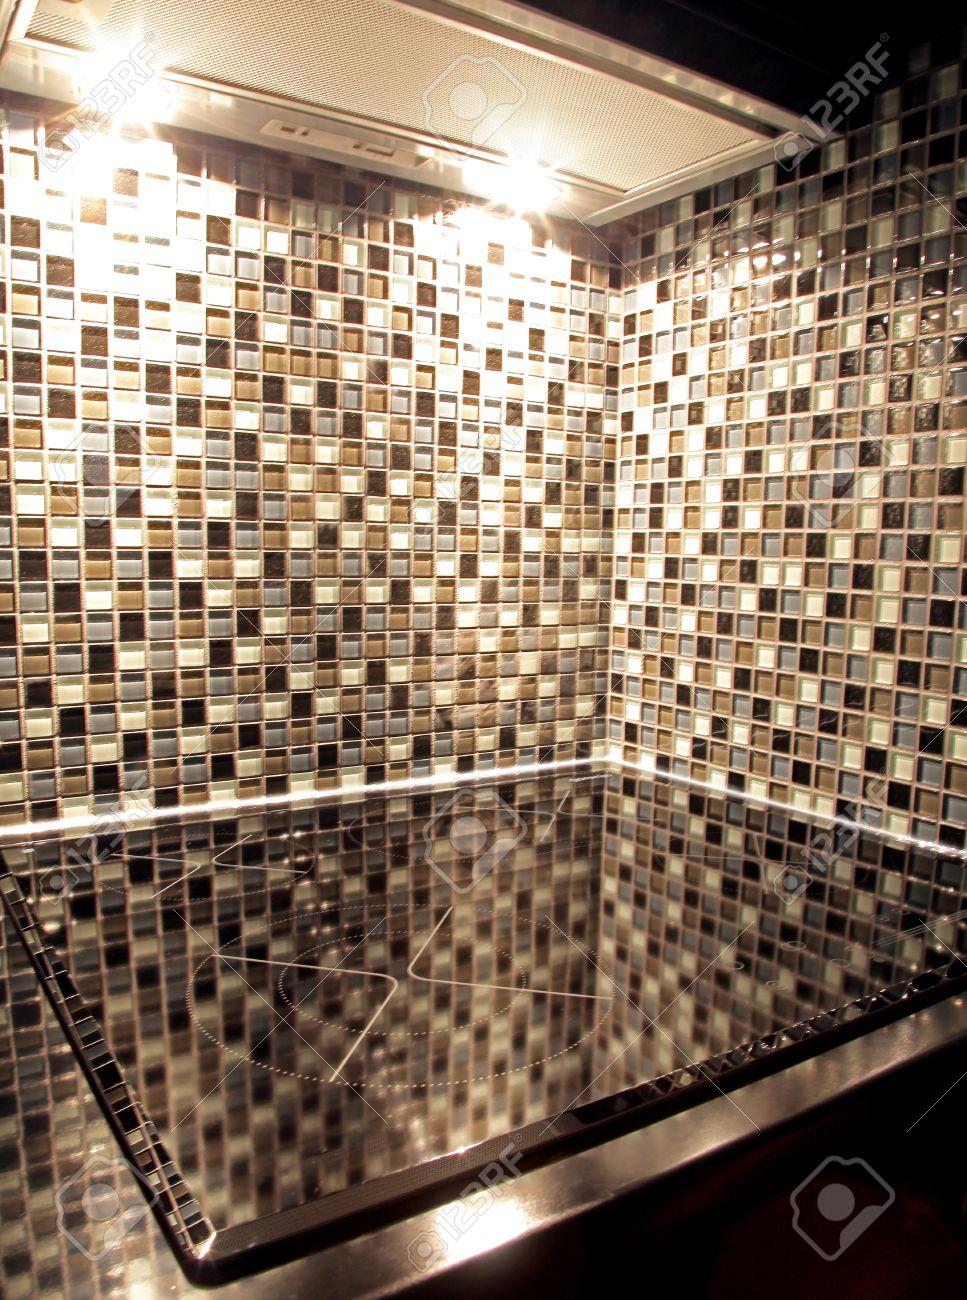 azulejos modernos en la cocina foto de archivo 24532751